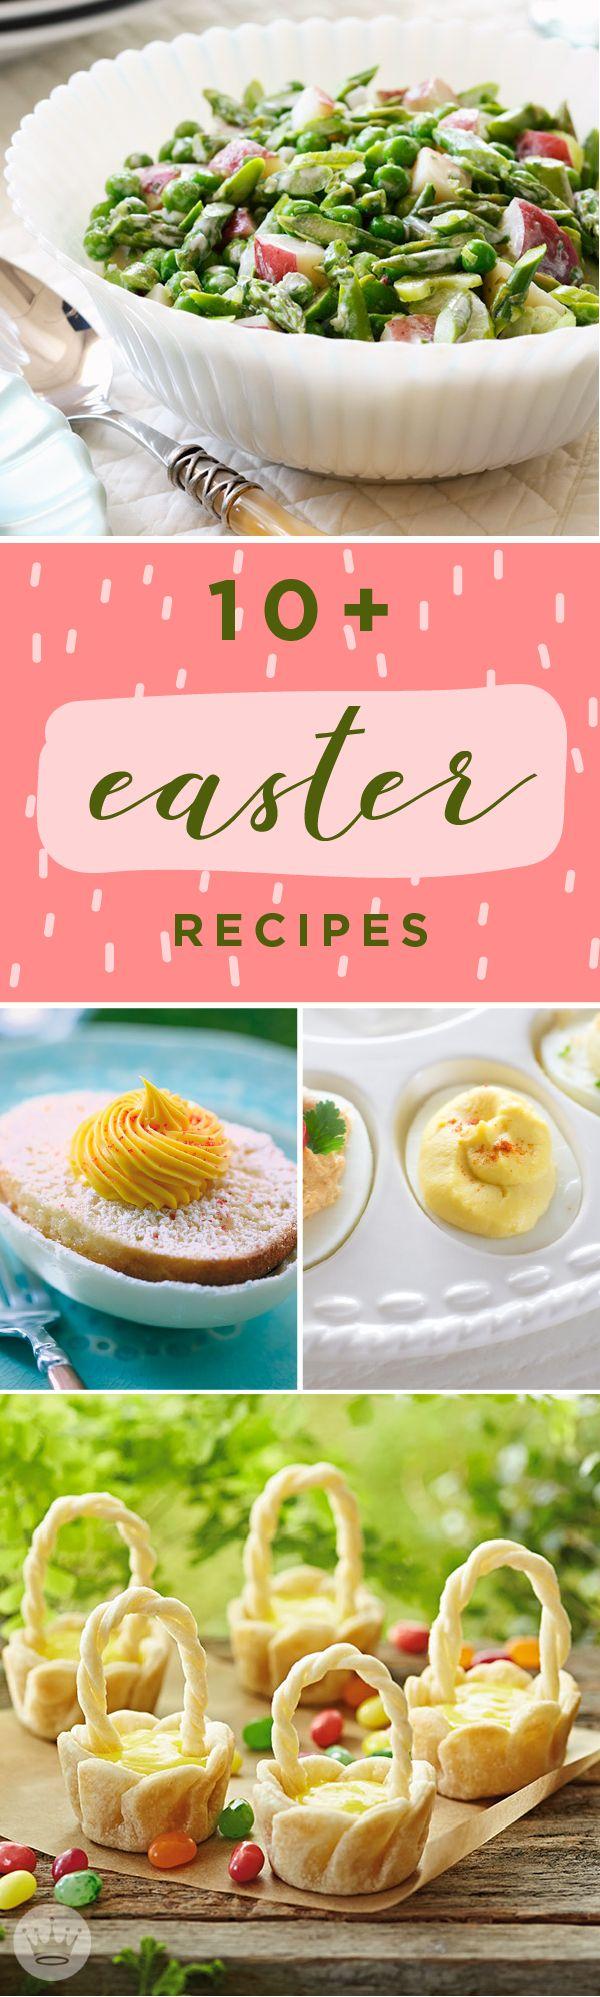 297 best images about easter on pinterest easter recipes. Black Bedroom Furniture Sets. Home Design Ideas